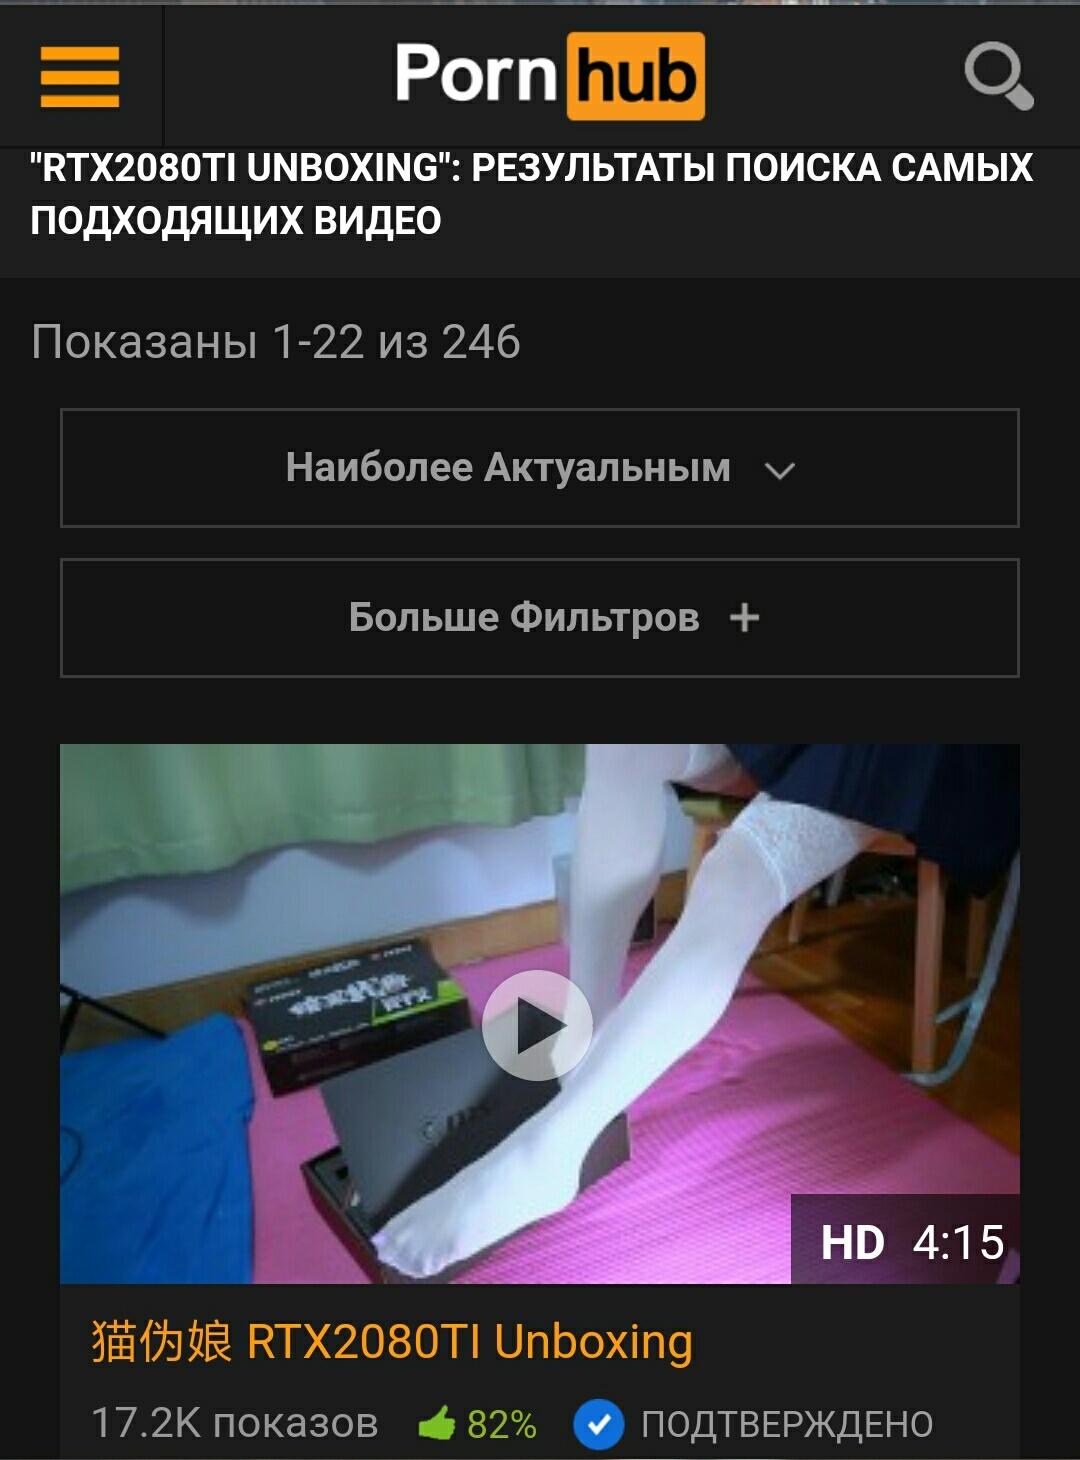 хотел Вами поговорить. порнуха на мобилу Подписался блог! Прошу